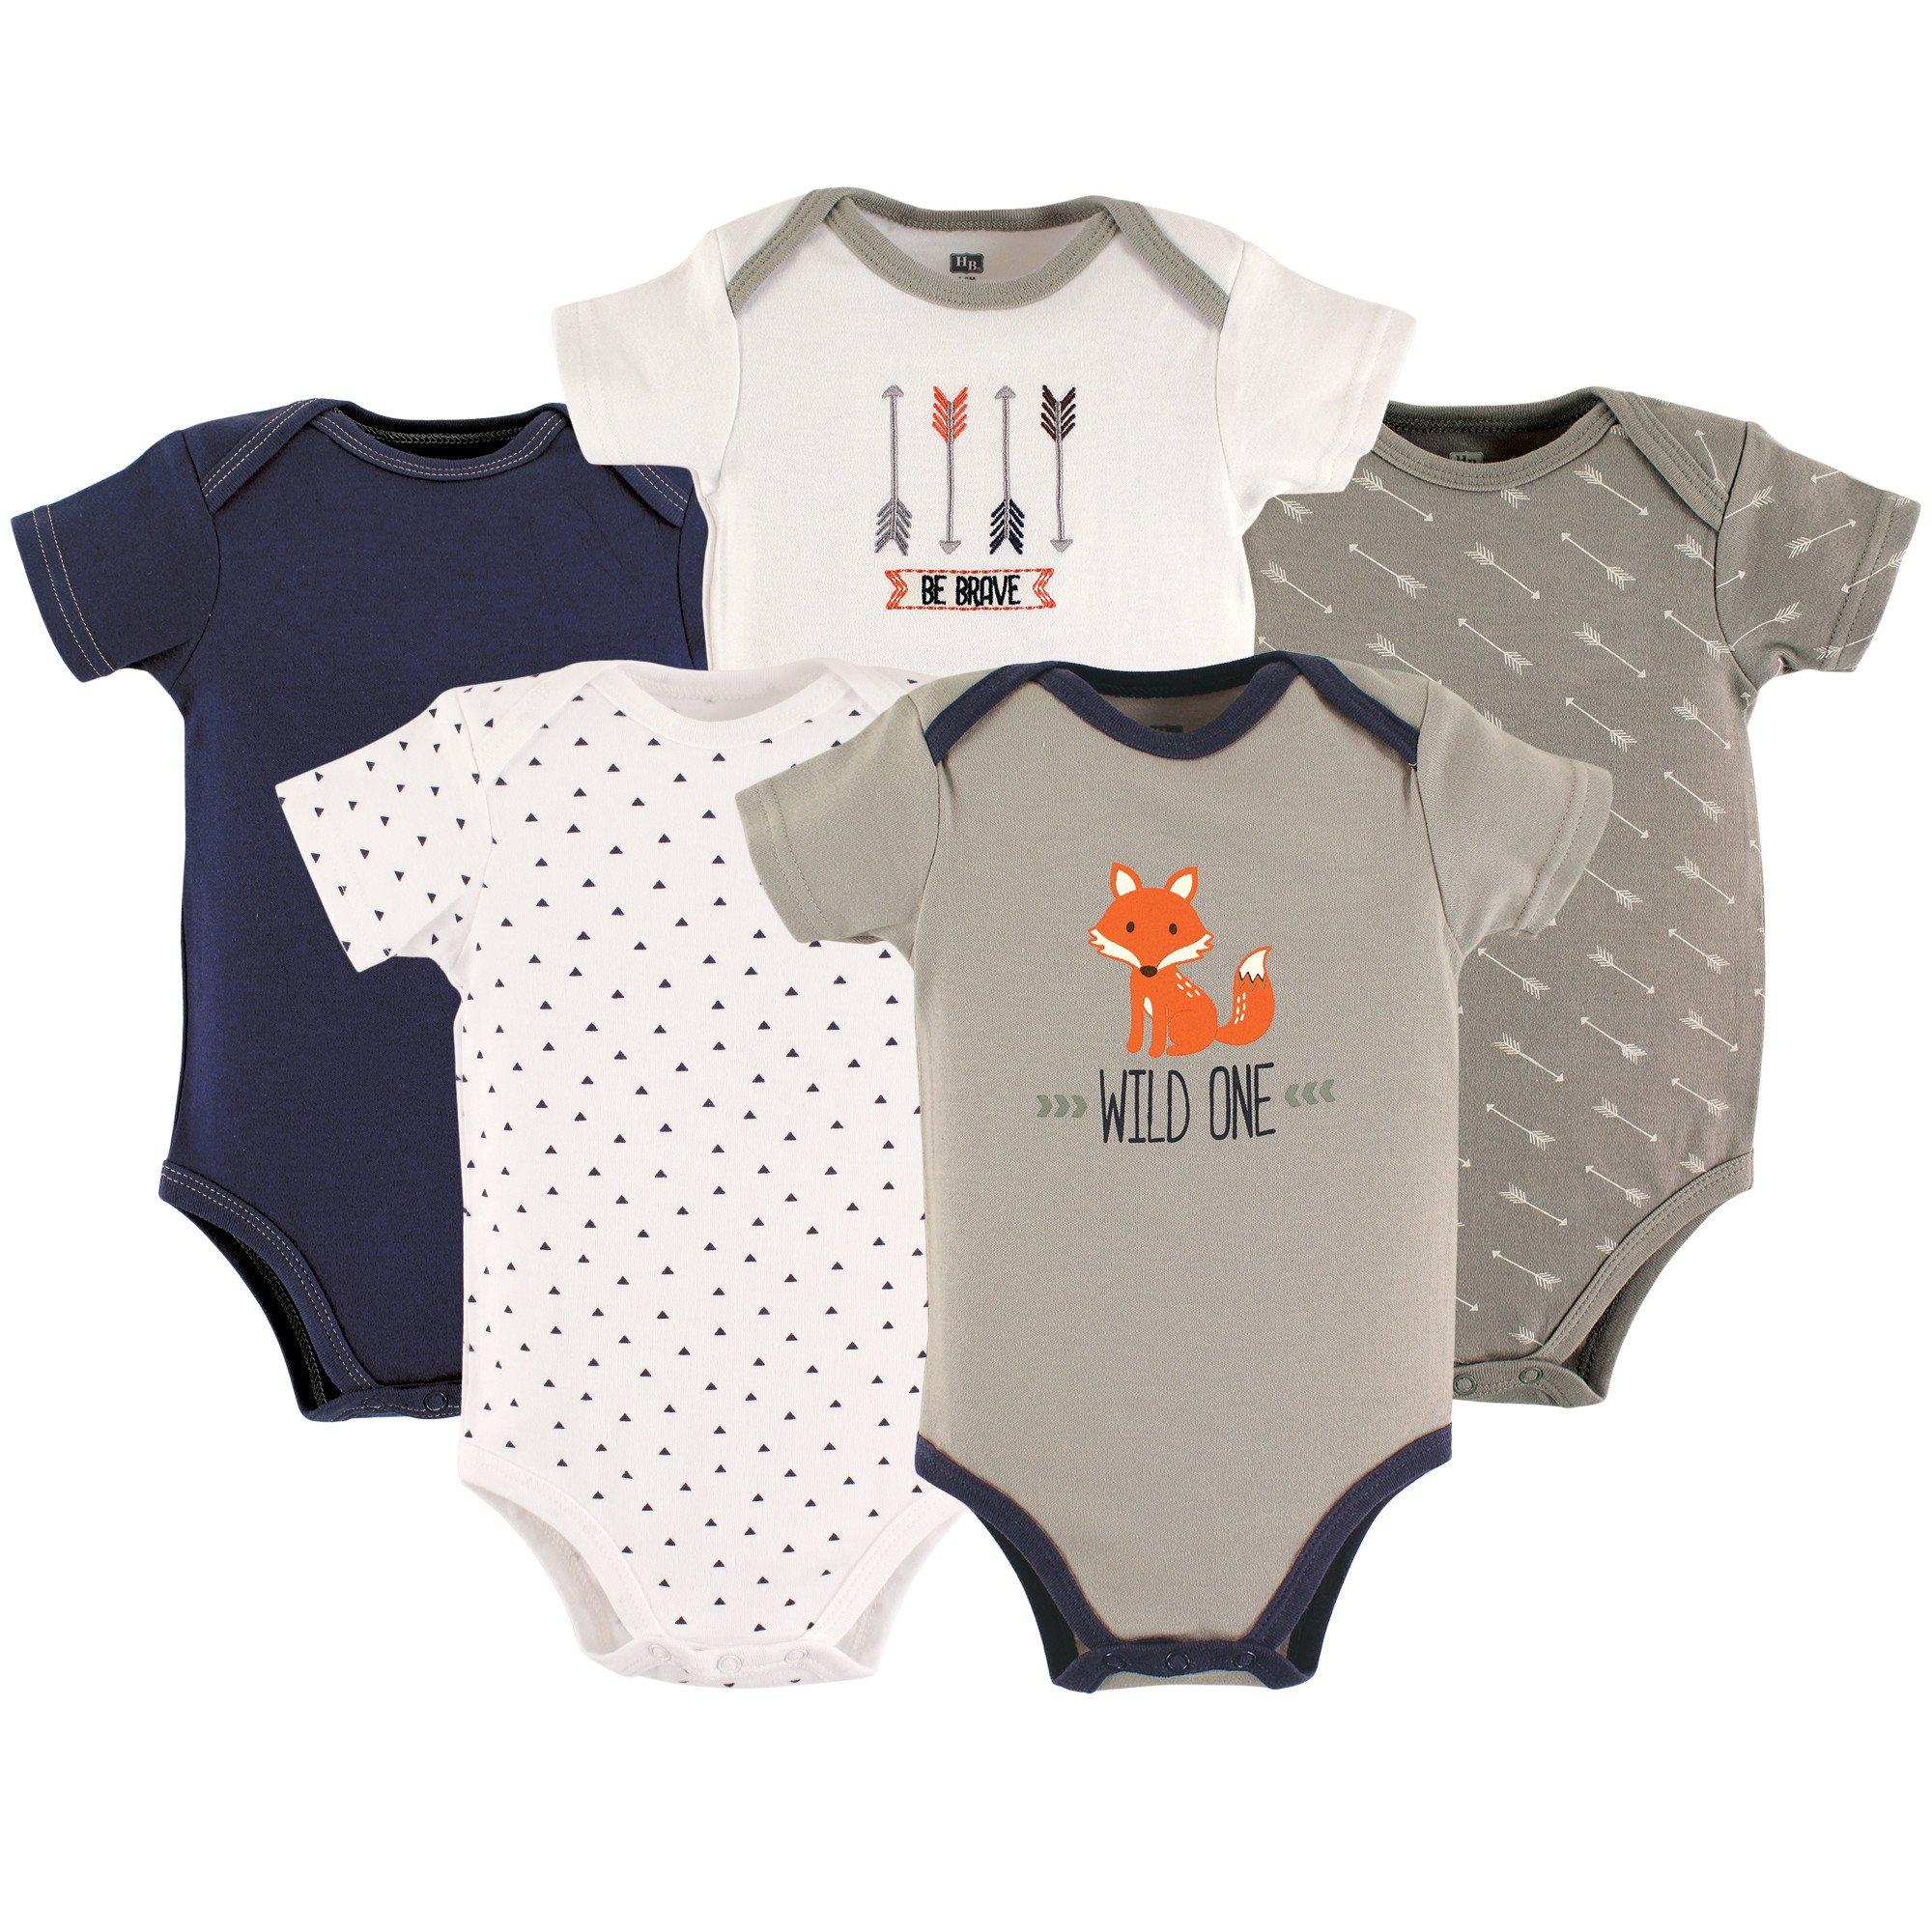 Hudson Baby Baby Cotton Bodysuits, Wild One 5-Pack 3-6 Months (6M)